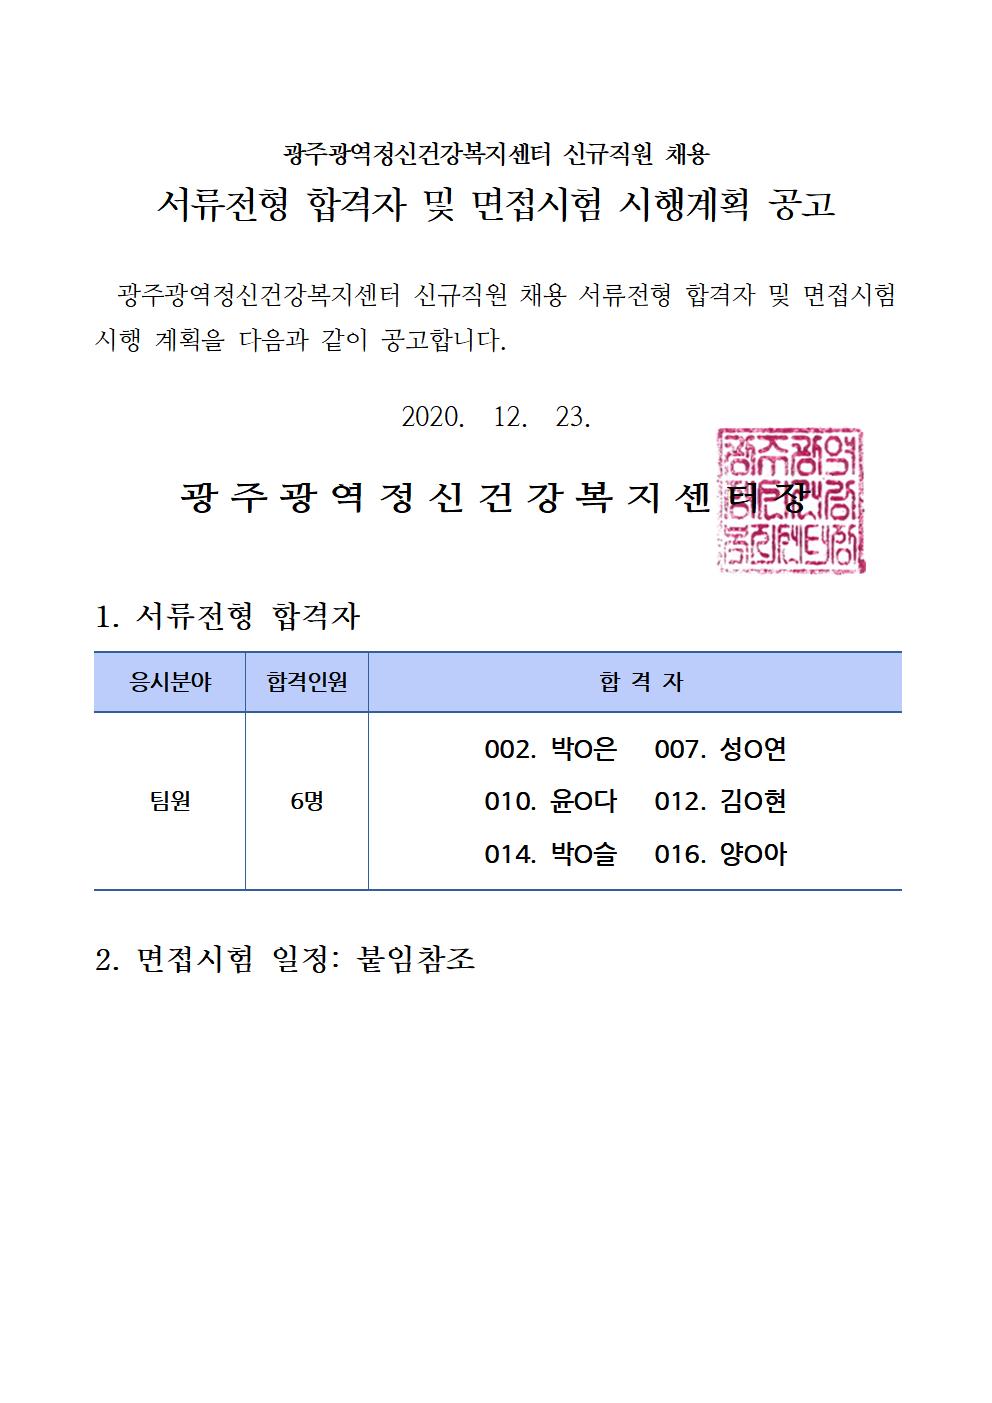 [공고]서류전형 합격자 및 면접시험 시행계획 공고문 1부001.png